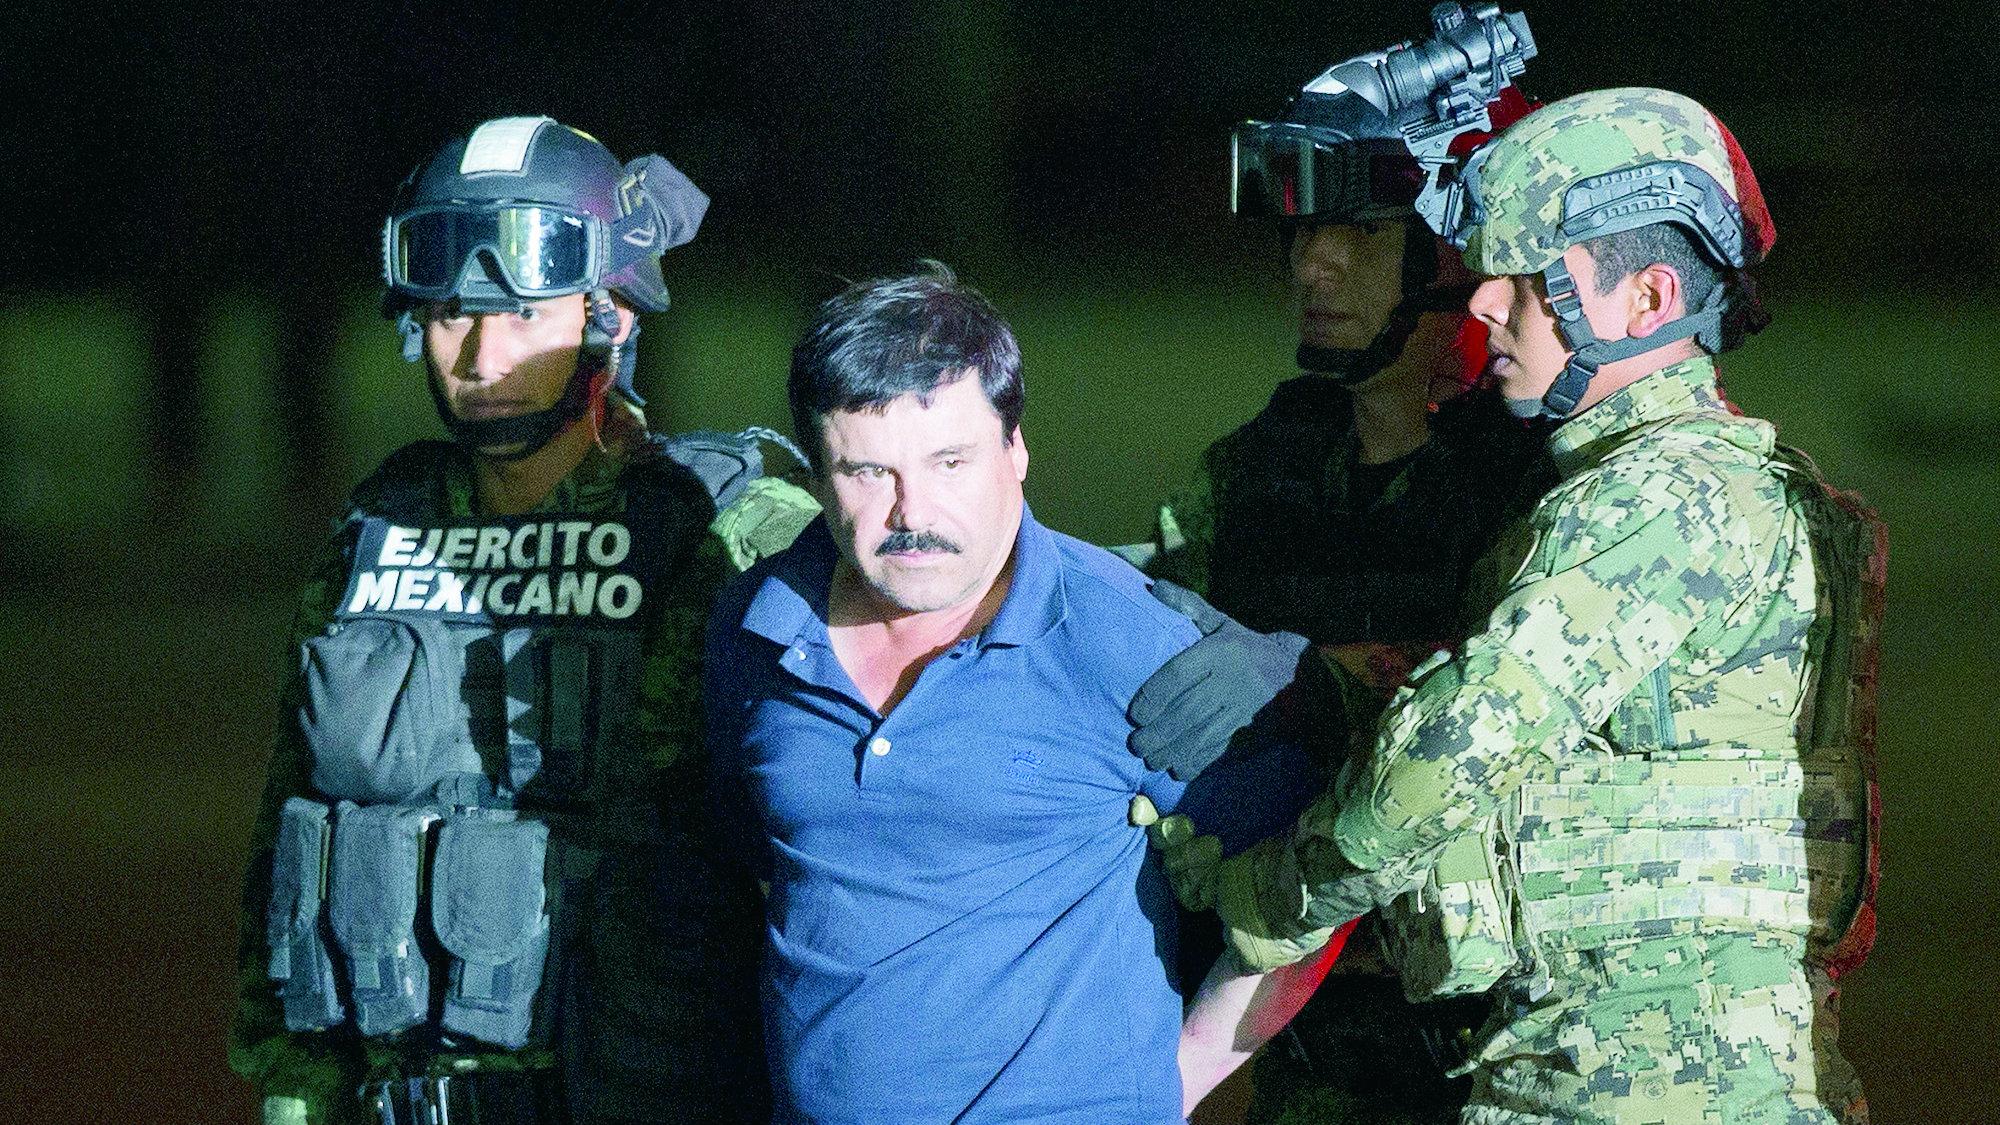 Vida El Chapo Guzmán narcotraficante temido